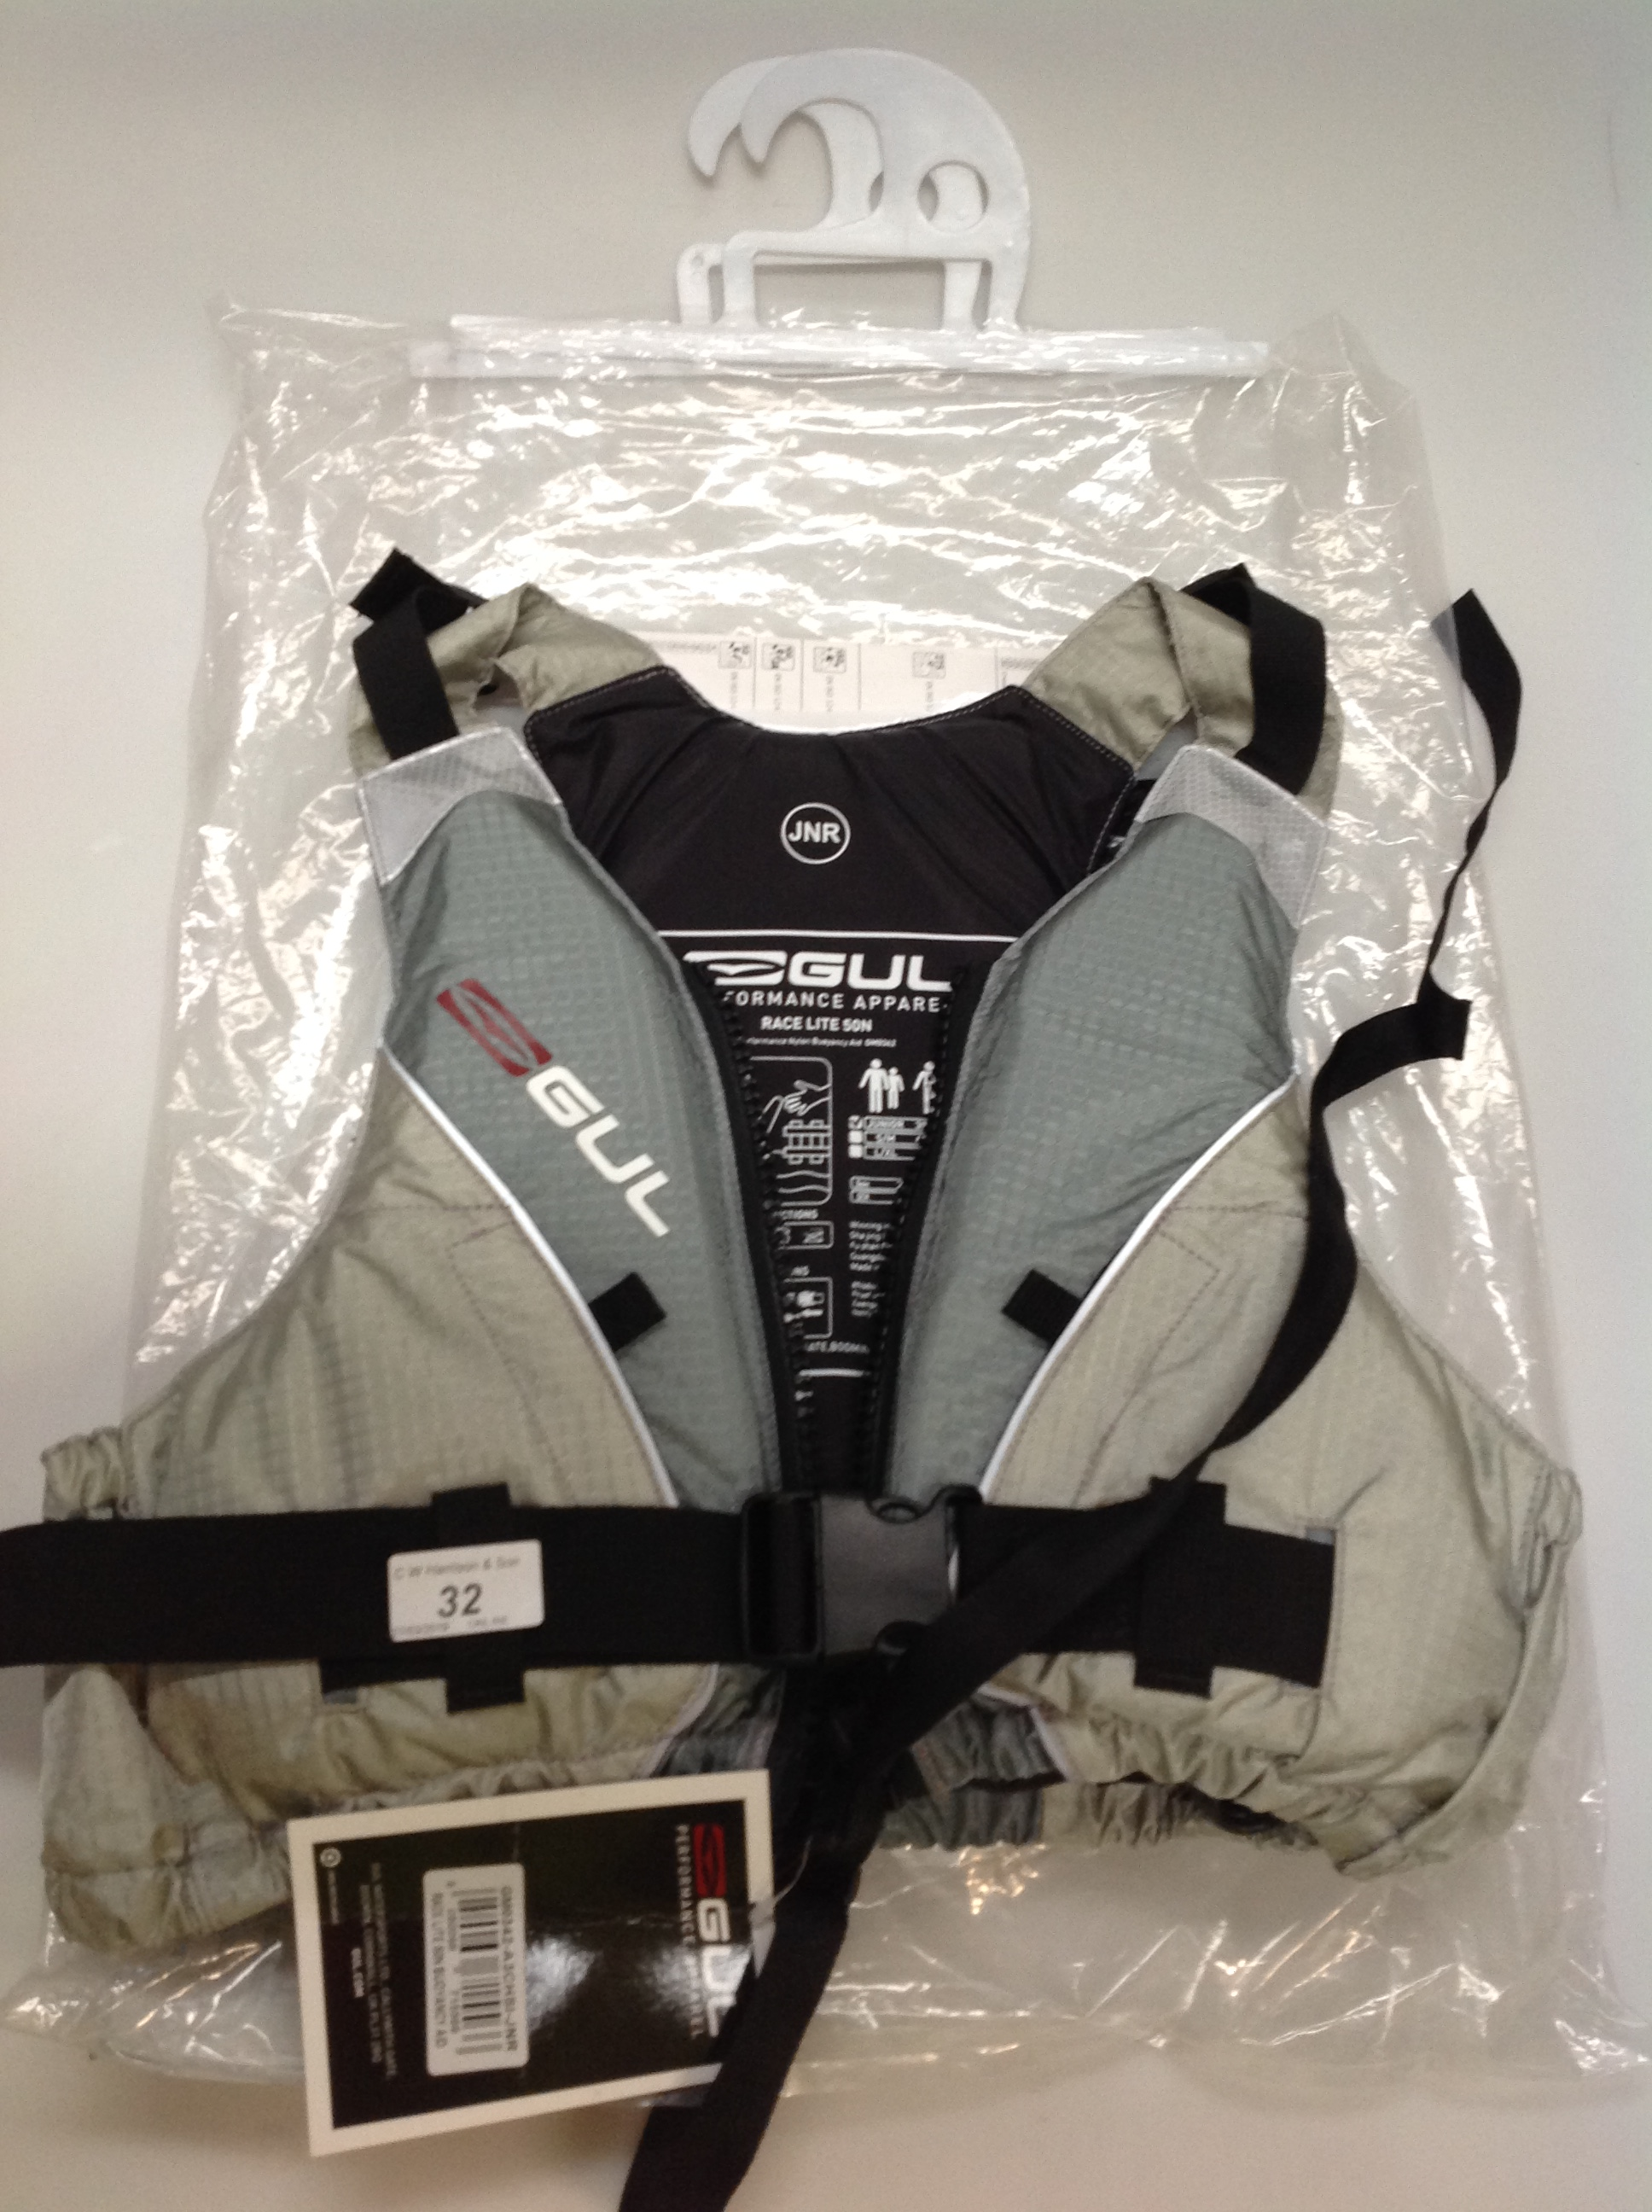 Lot 32 - Gul Race Lite 5ON buoyancy aid in silver - size junior